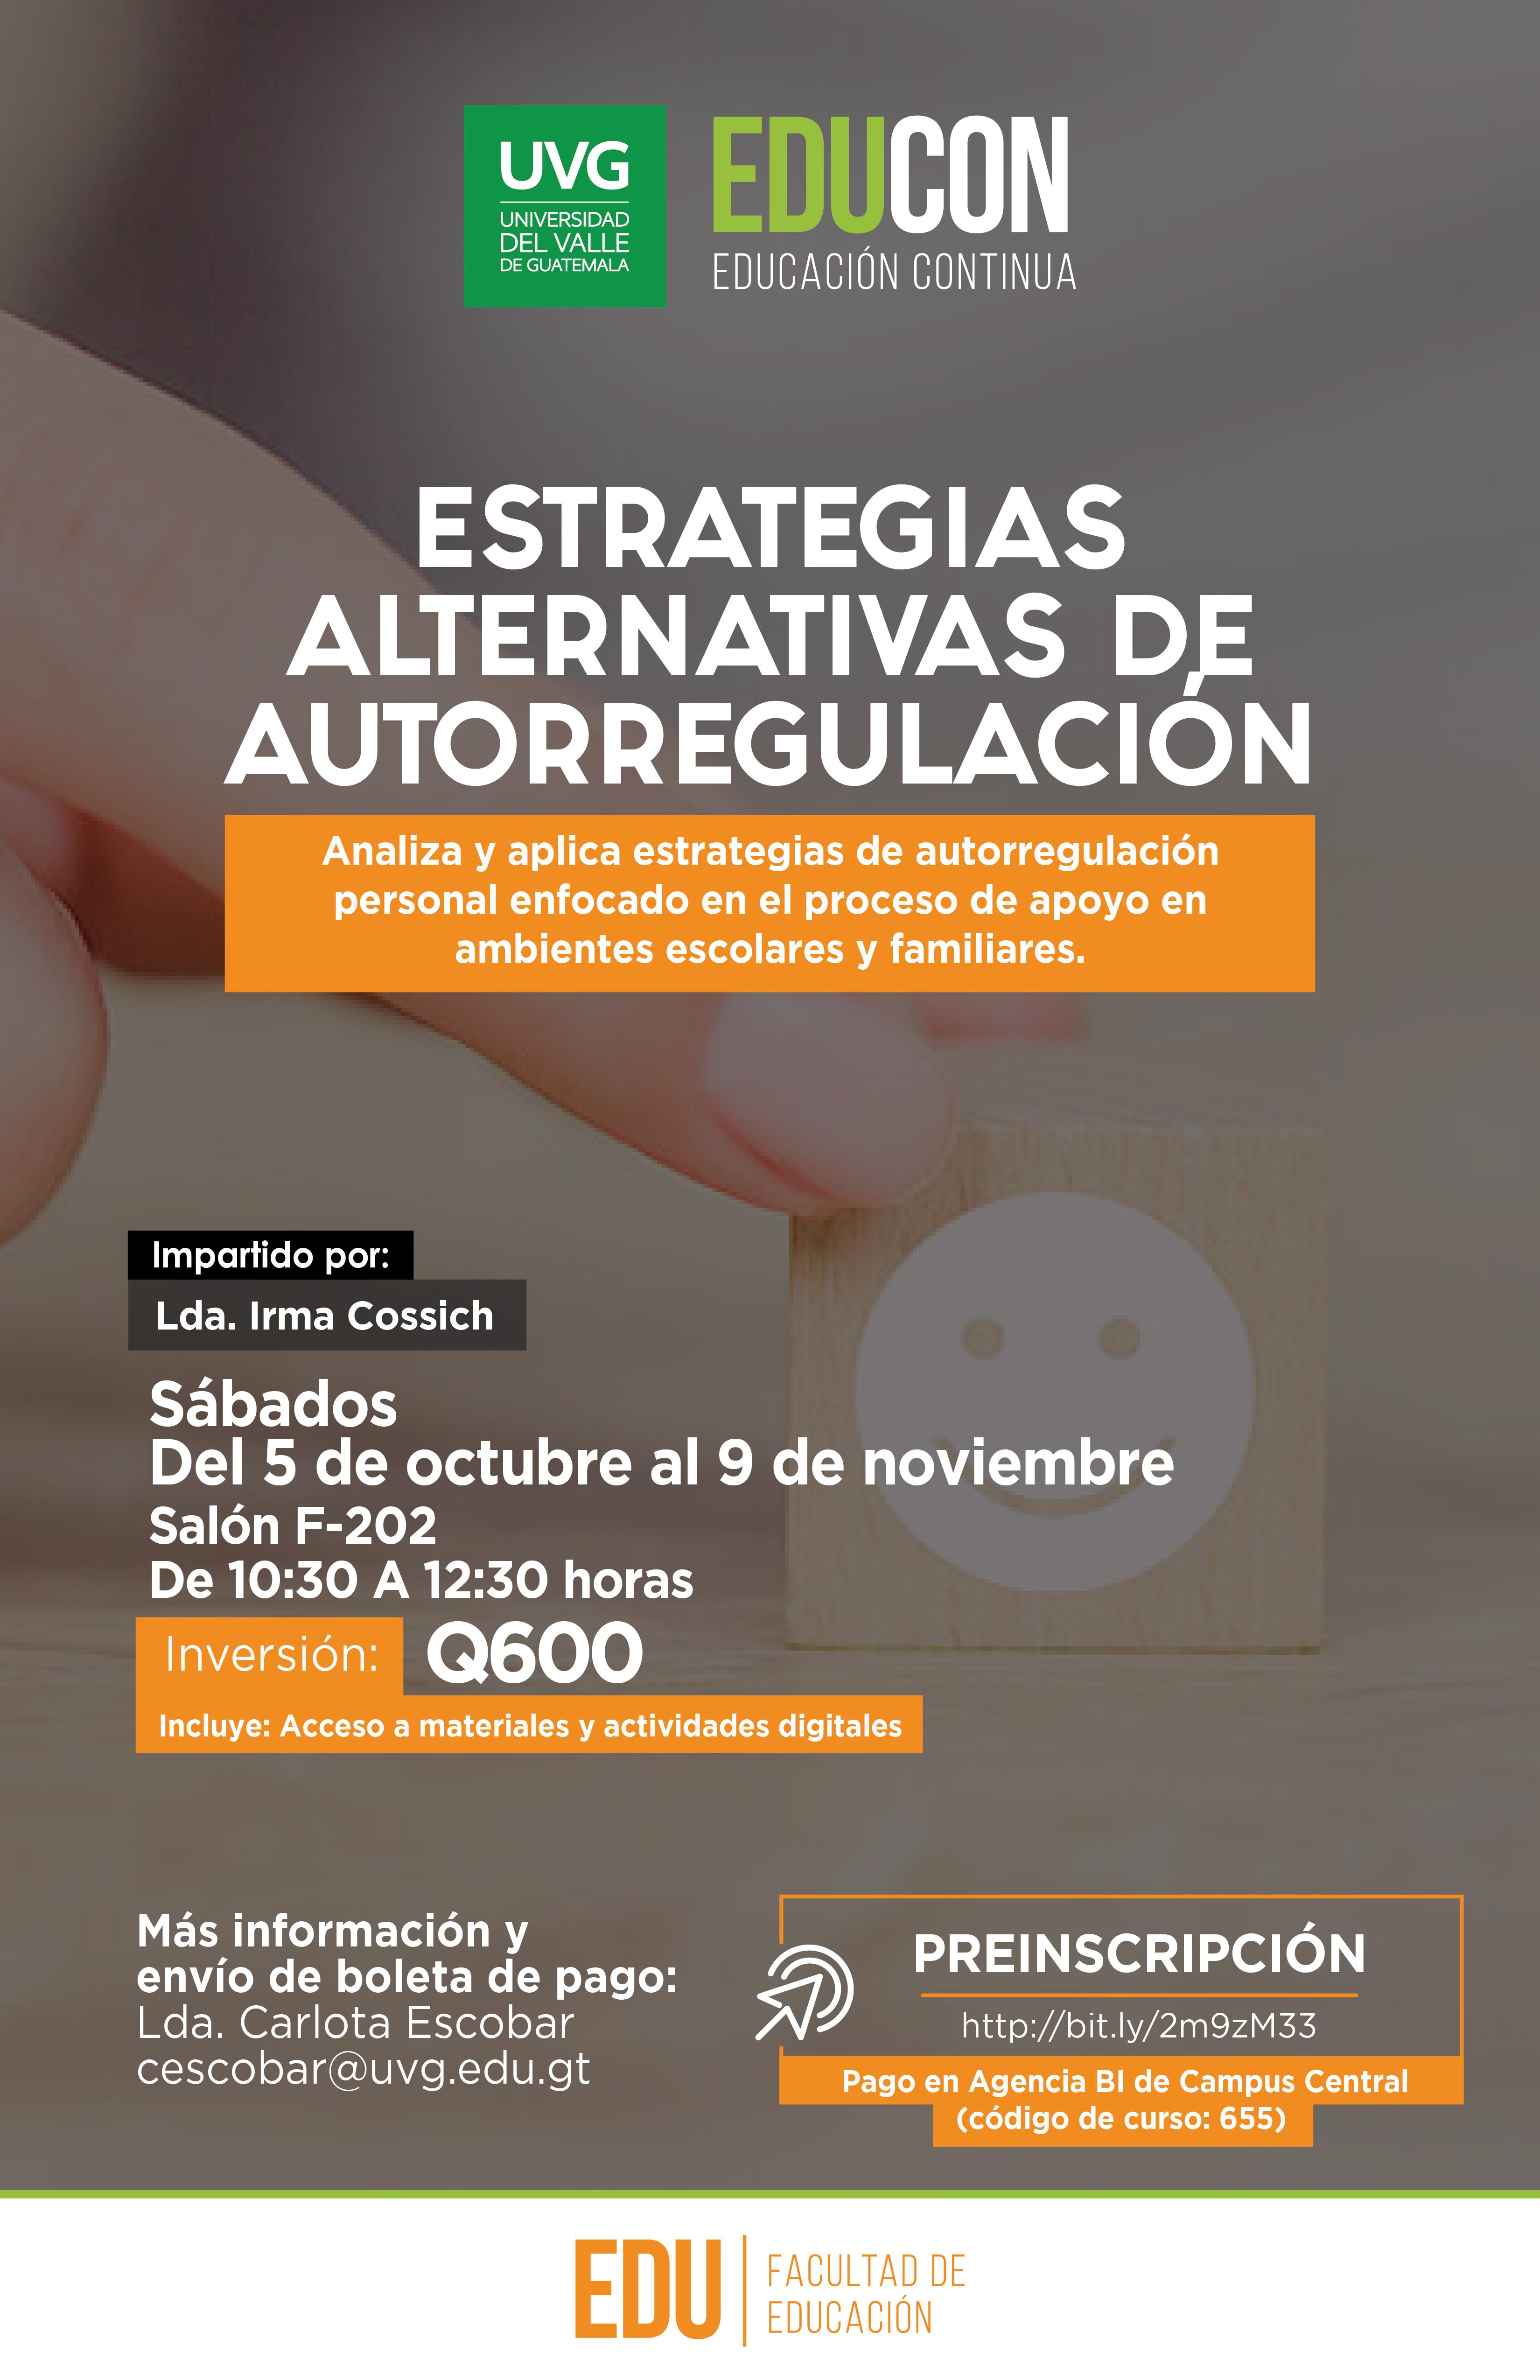 ESTRATEGIAS ALTERNATIVAS DE AUTOREGULACIÓN